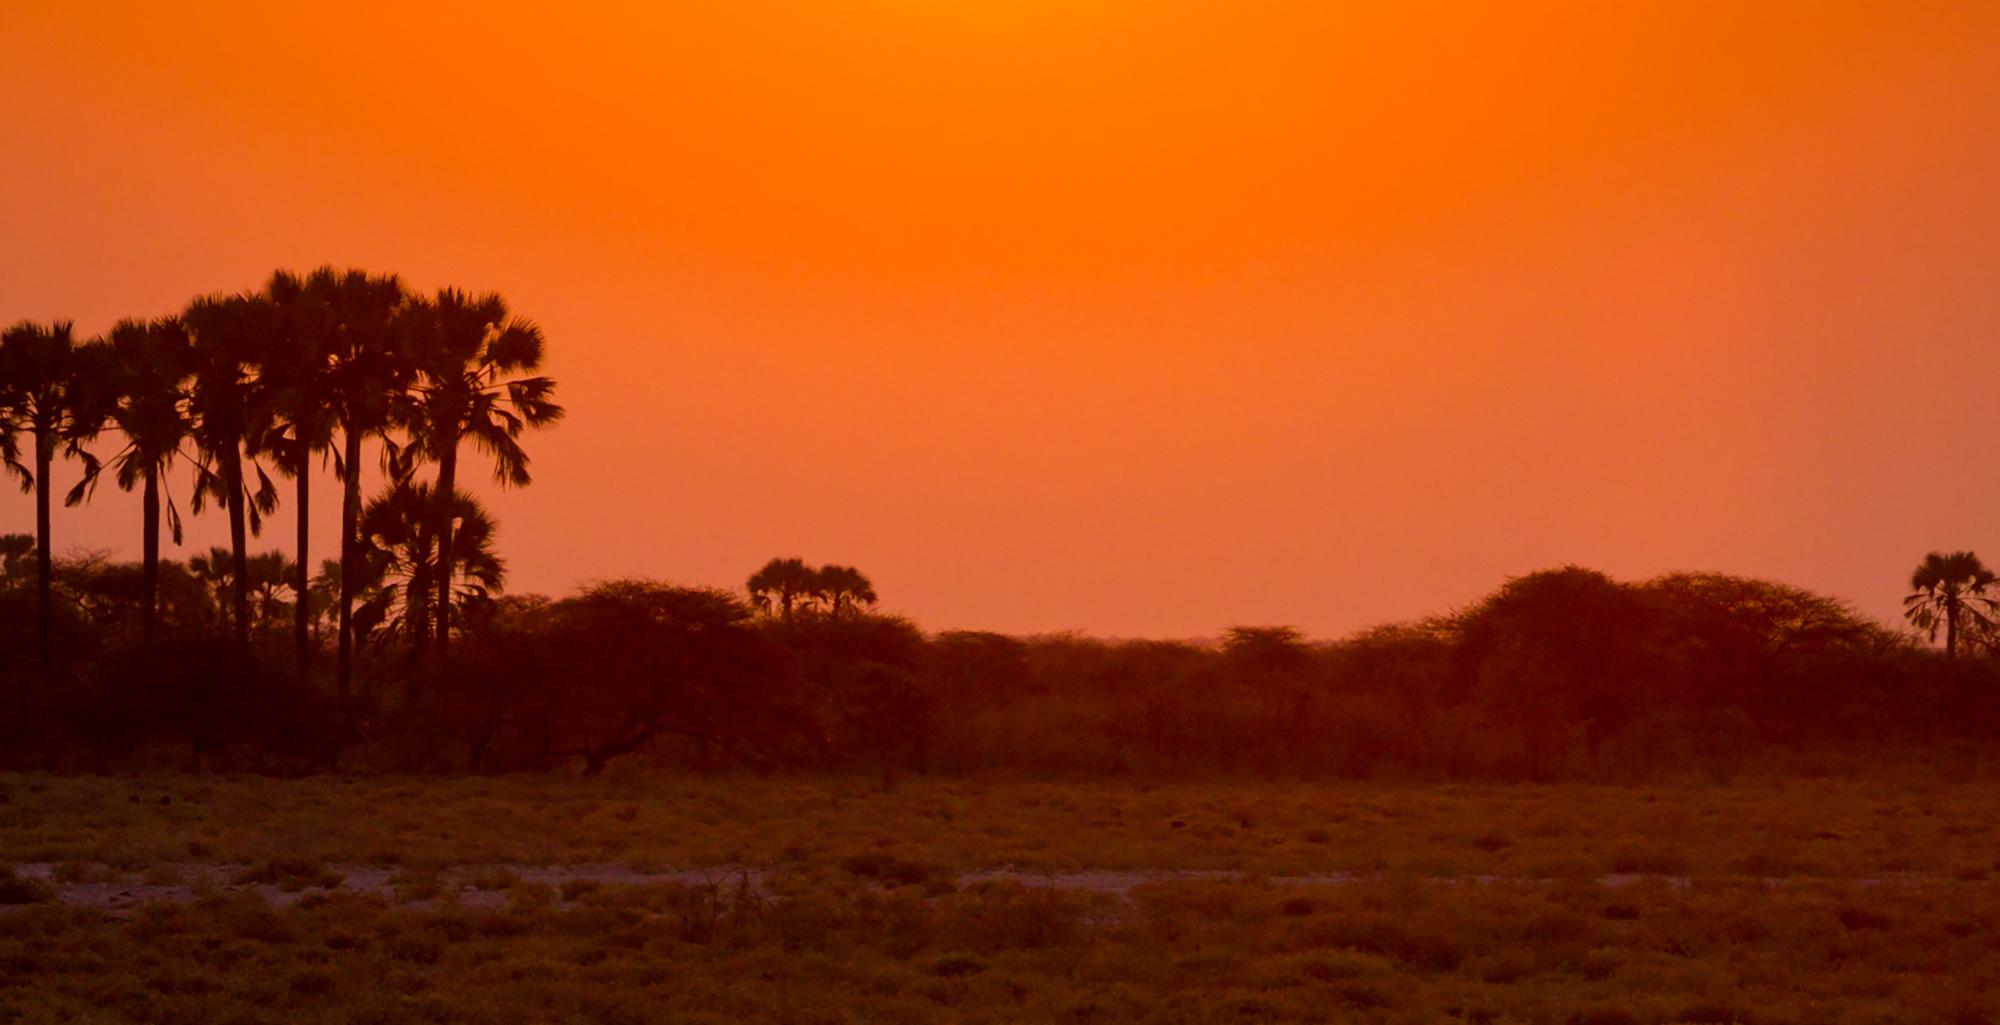 Namibia-Etosha-National-Park-Sunset